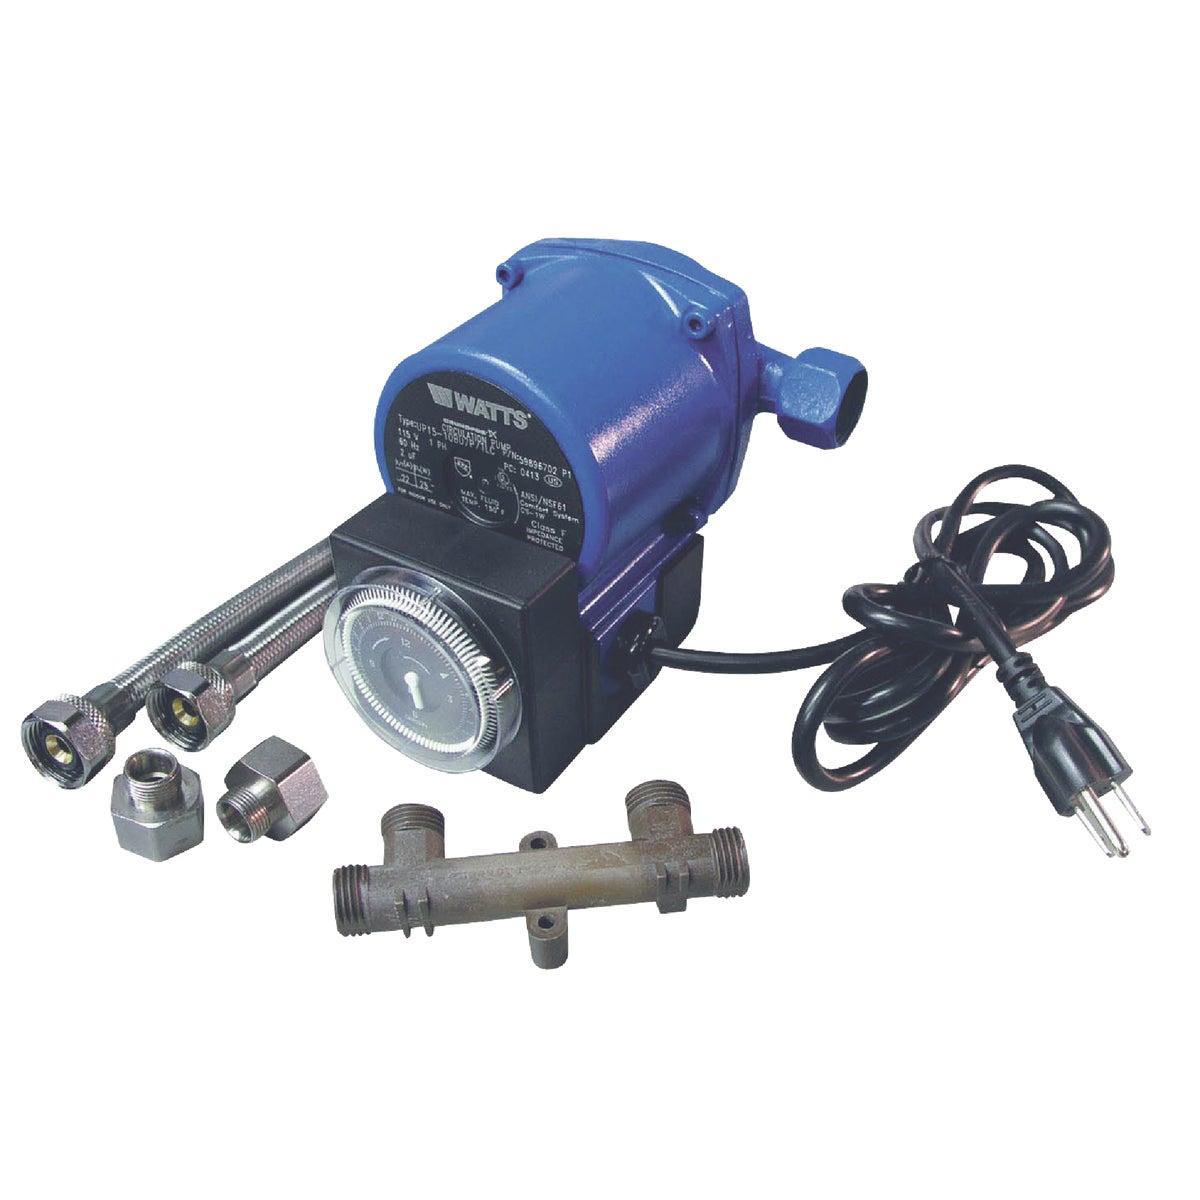 Watts Water Technologies H/WTR PUMP RECIR SYSTEM 955800